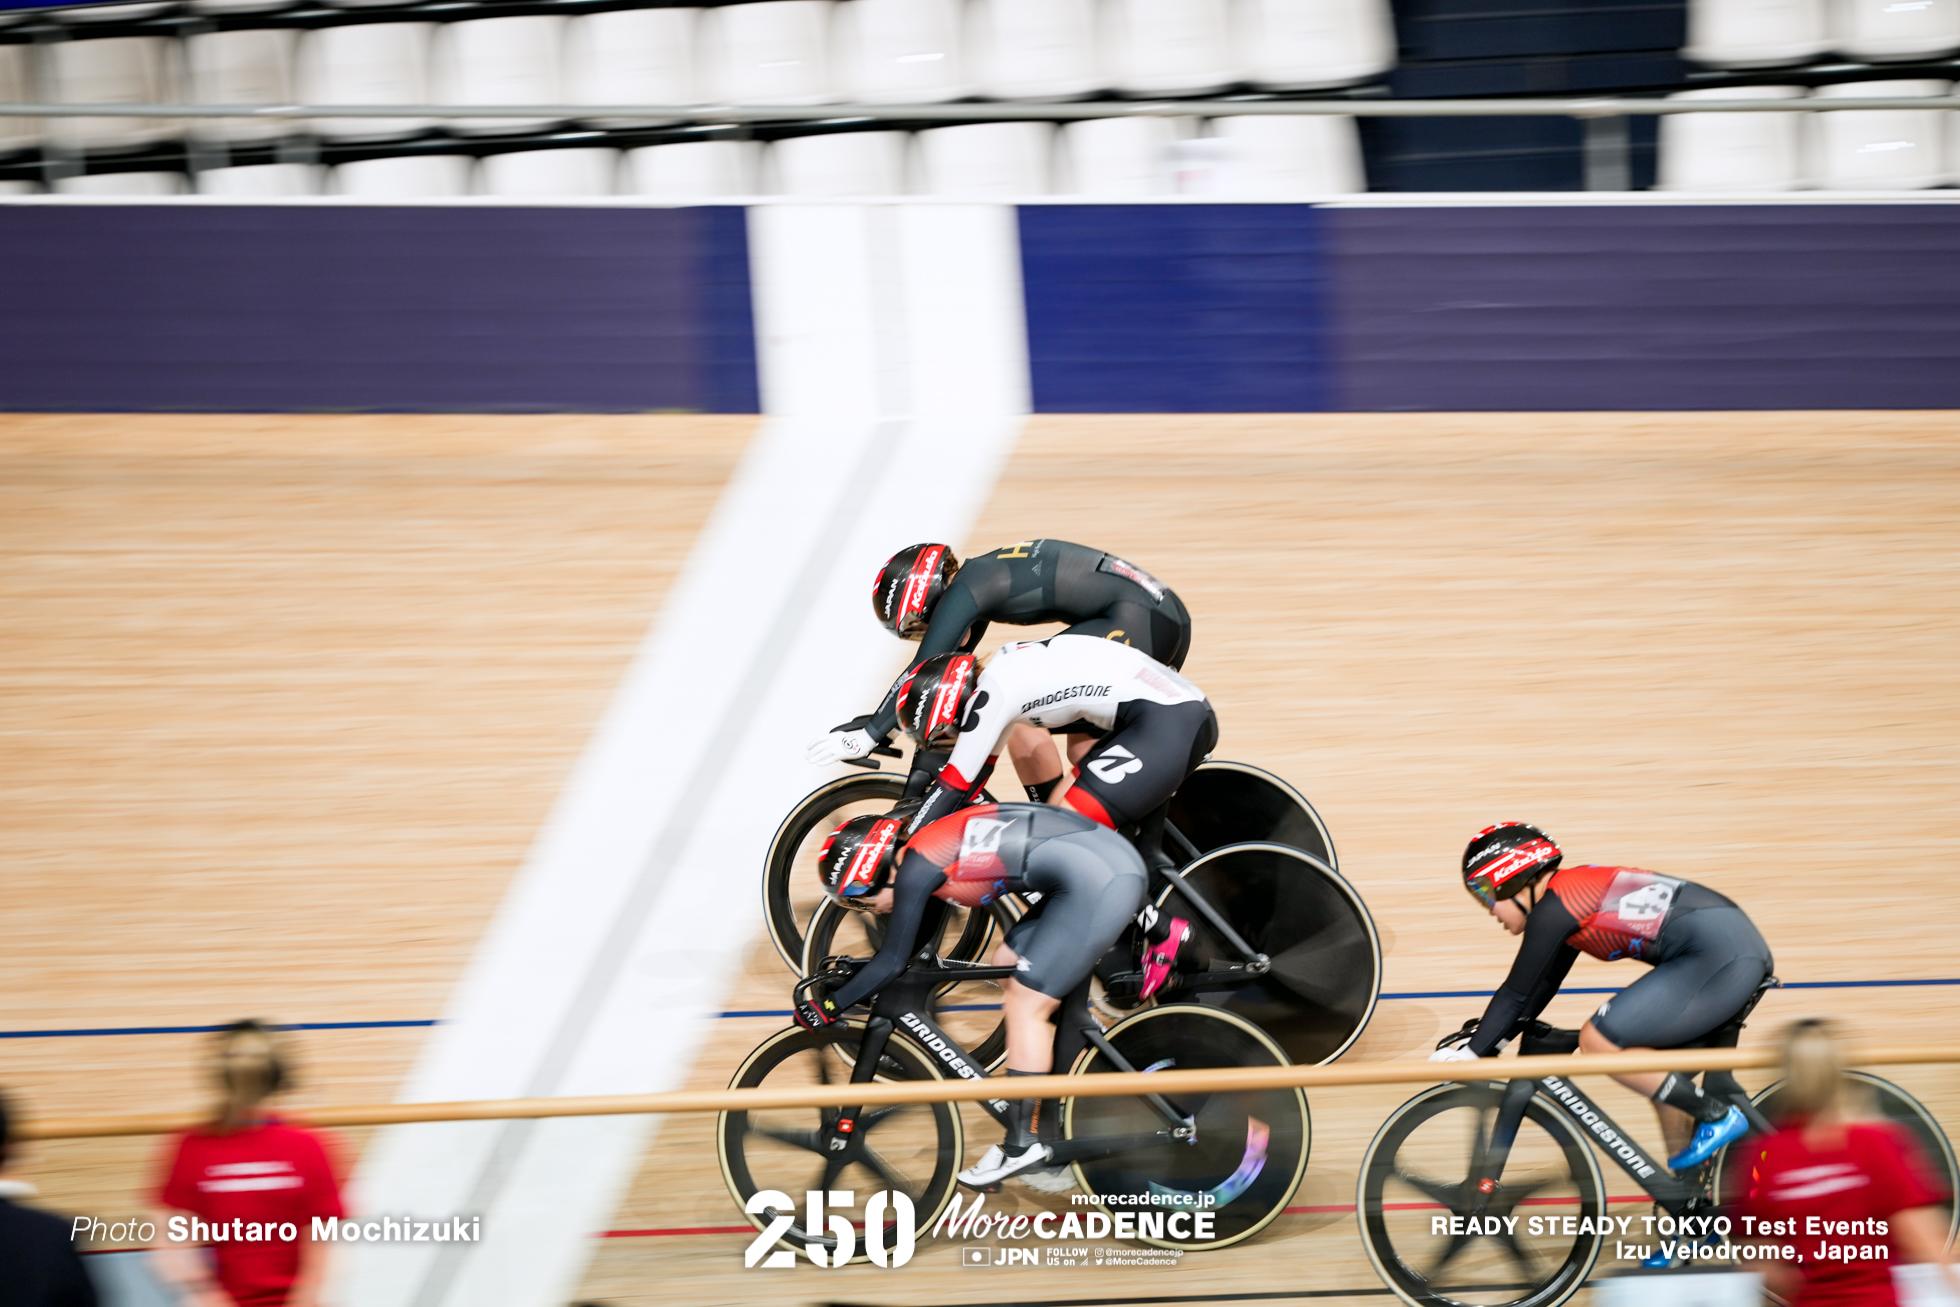 女子ケイリン決勝, READY STEADY TOKYO 自転車競技トラック